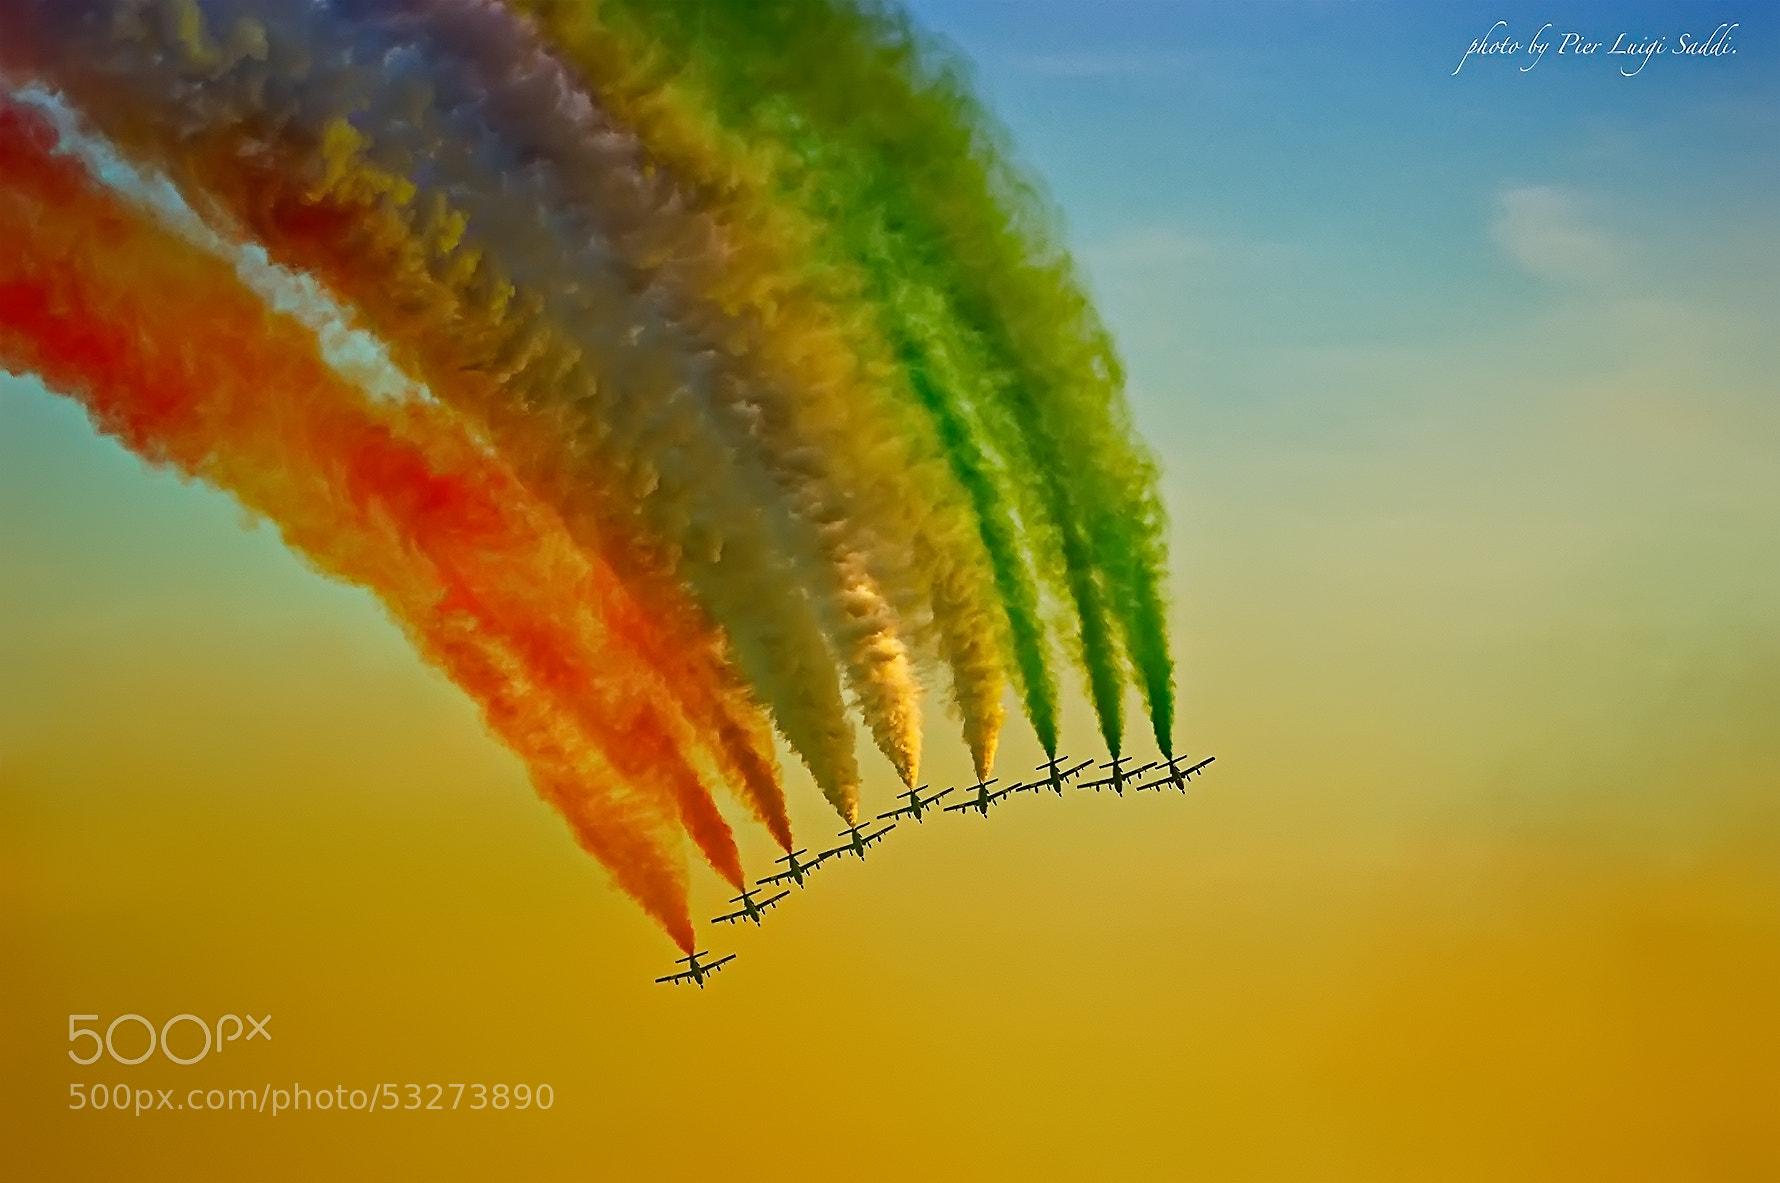 Photograph Frecce tricolori by Pier Luigi Saddi on 500px